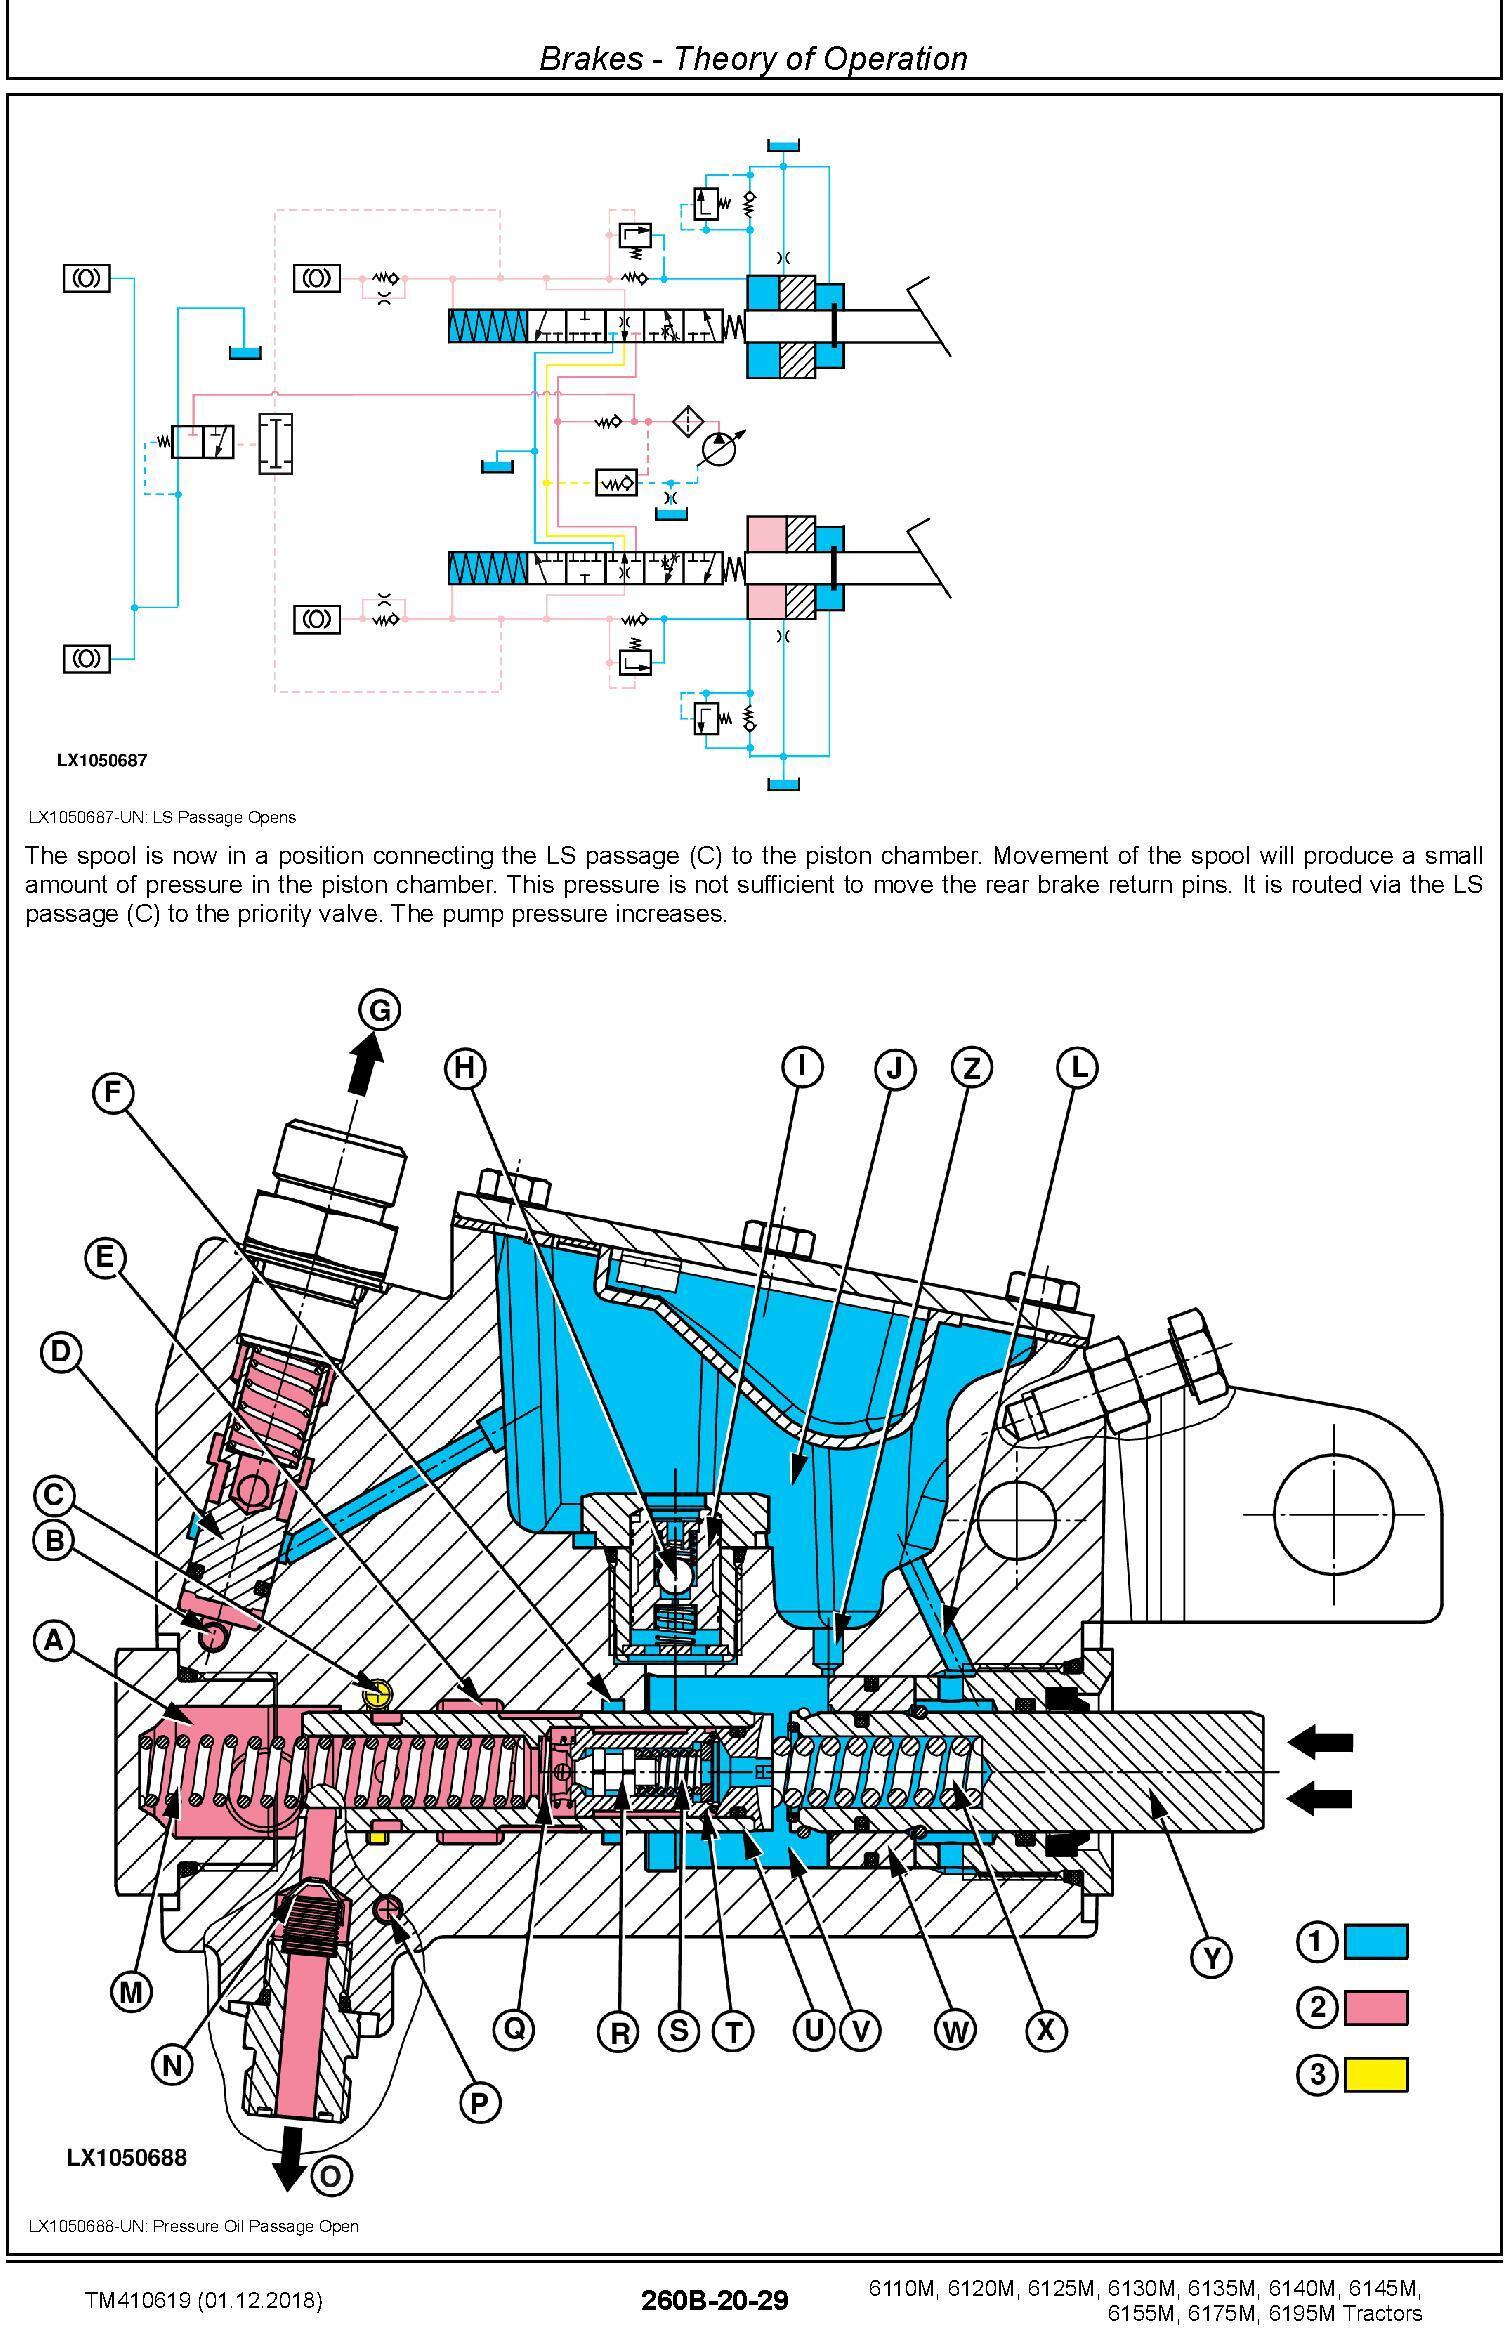 John Deere 6110M/20M 6130M/40M 6125M/35M 6145M/55M 6175M 6195M Tractors Diagnostic Manual (TM410619) - 2